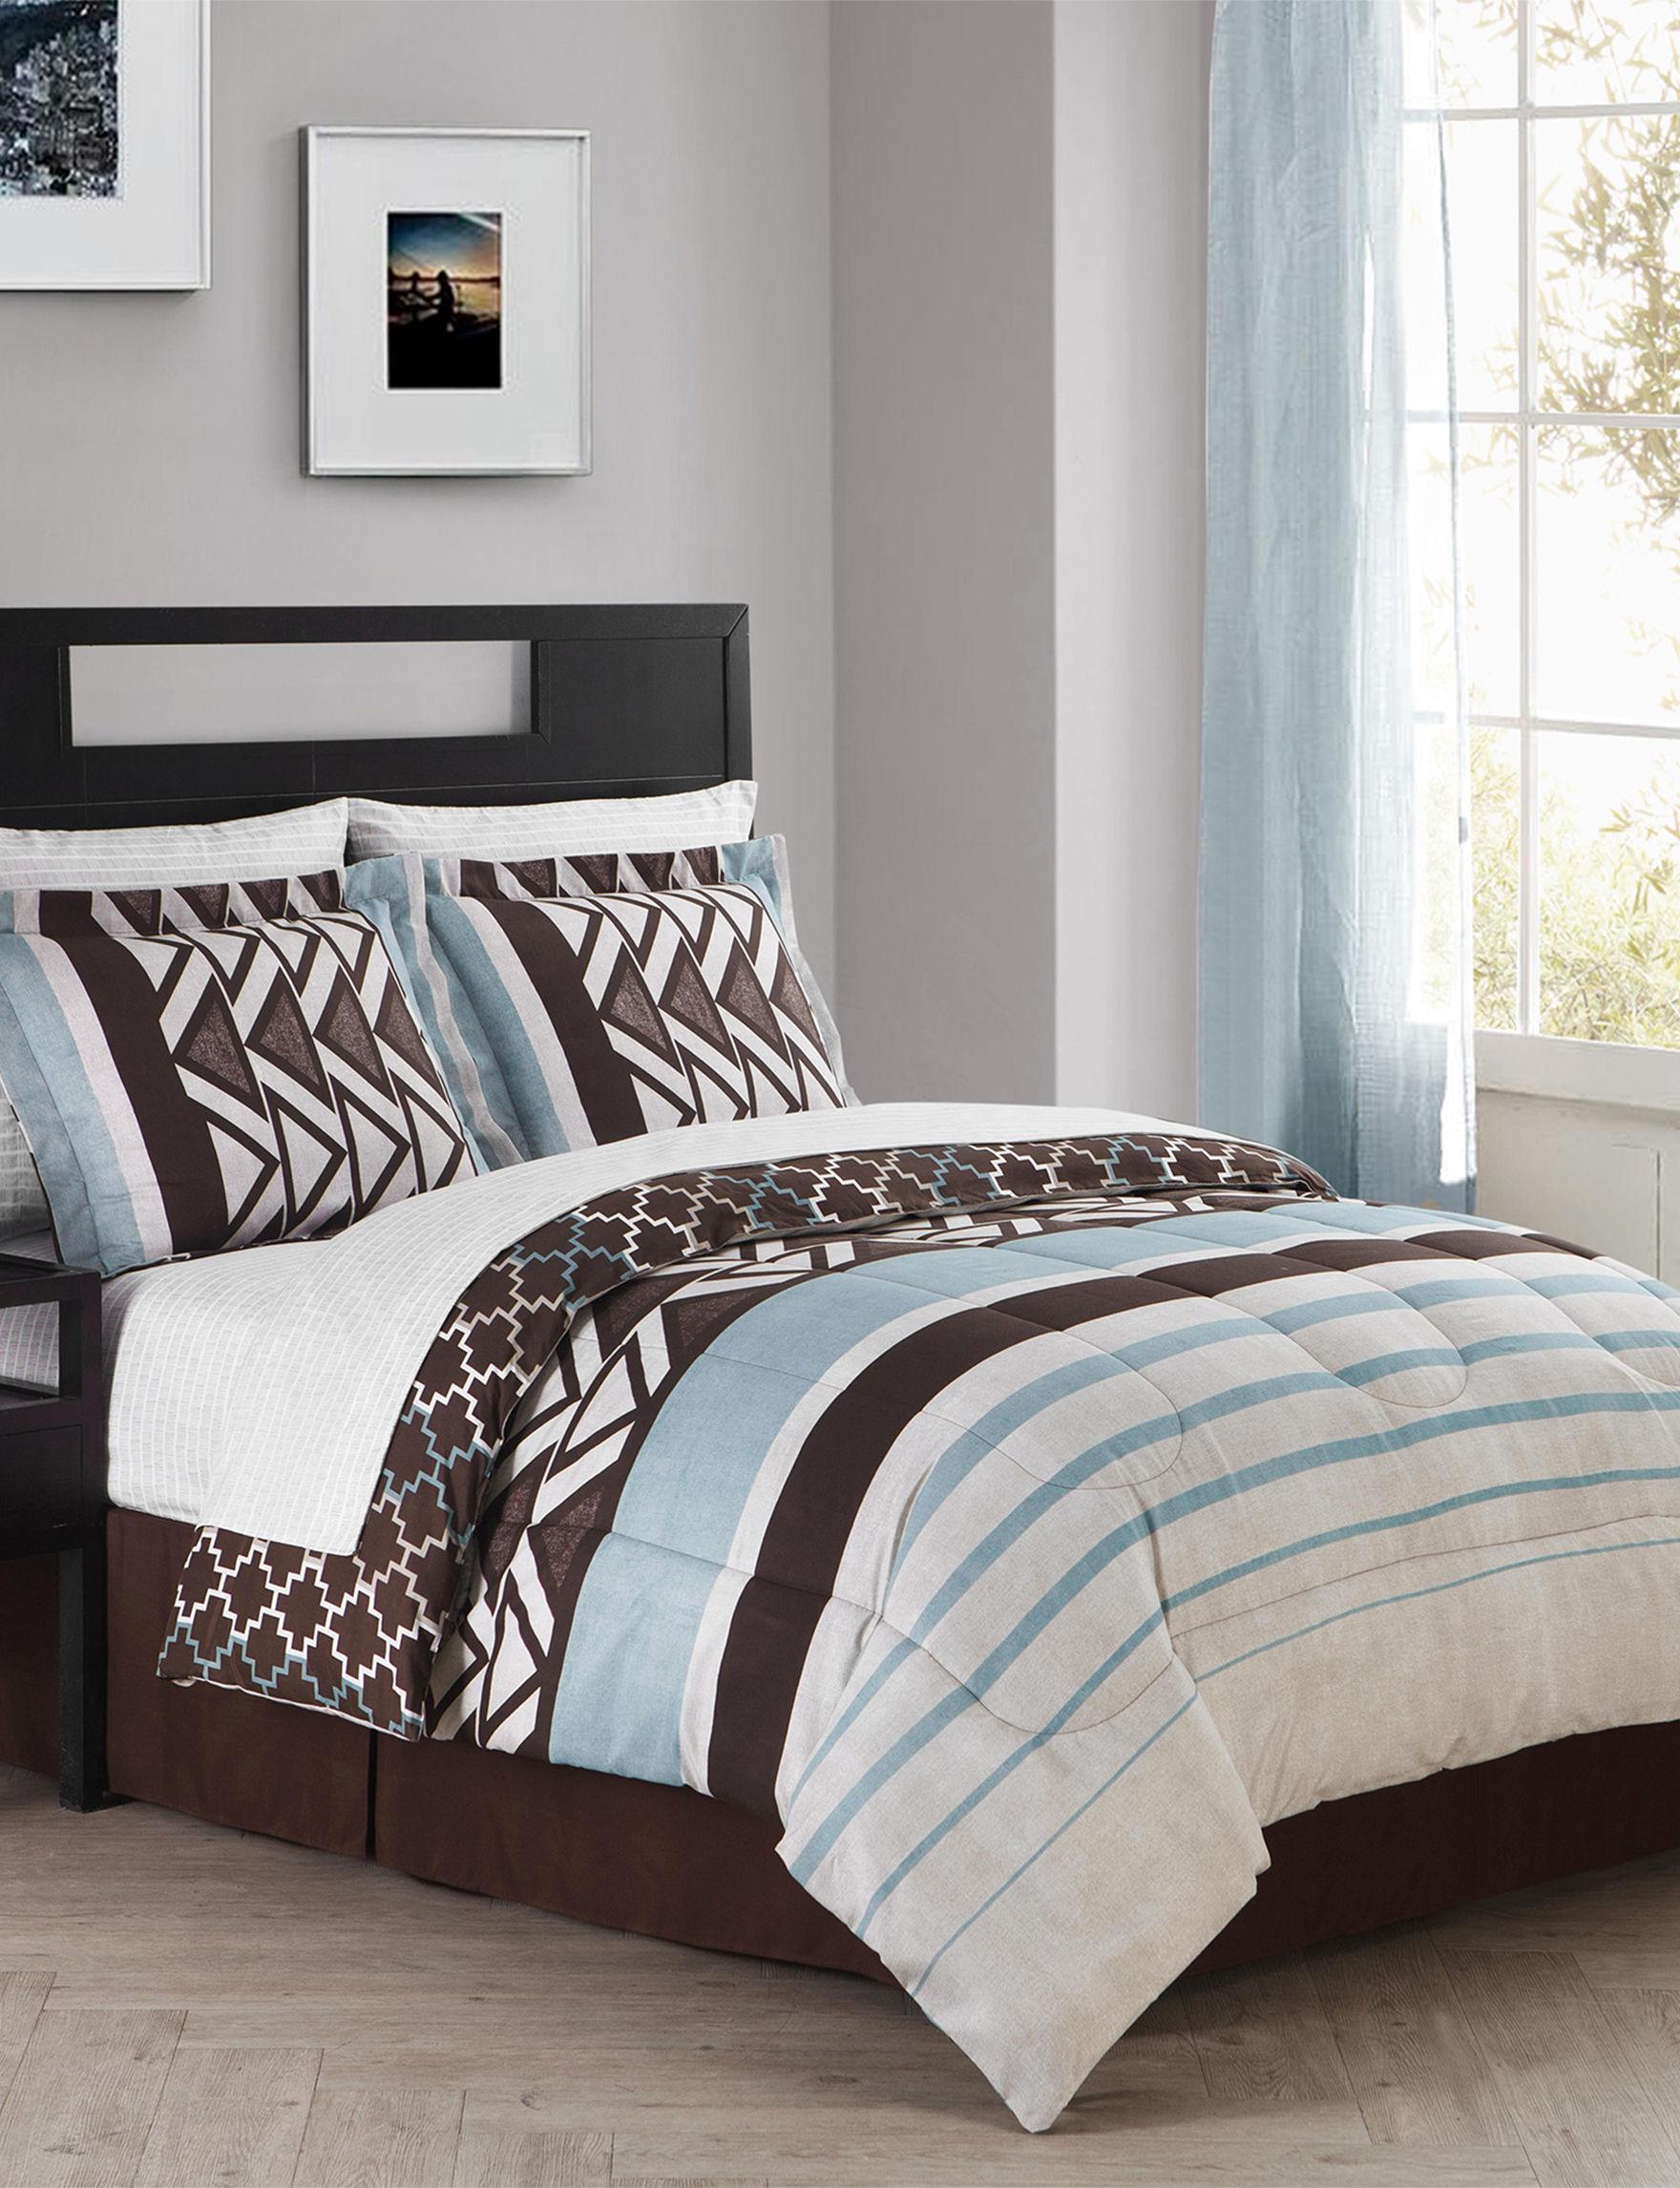 Jessica Sanders Brown Comforters & Comforter Sets